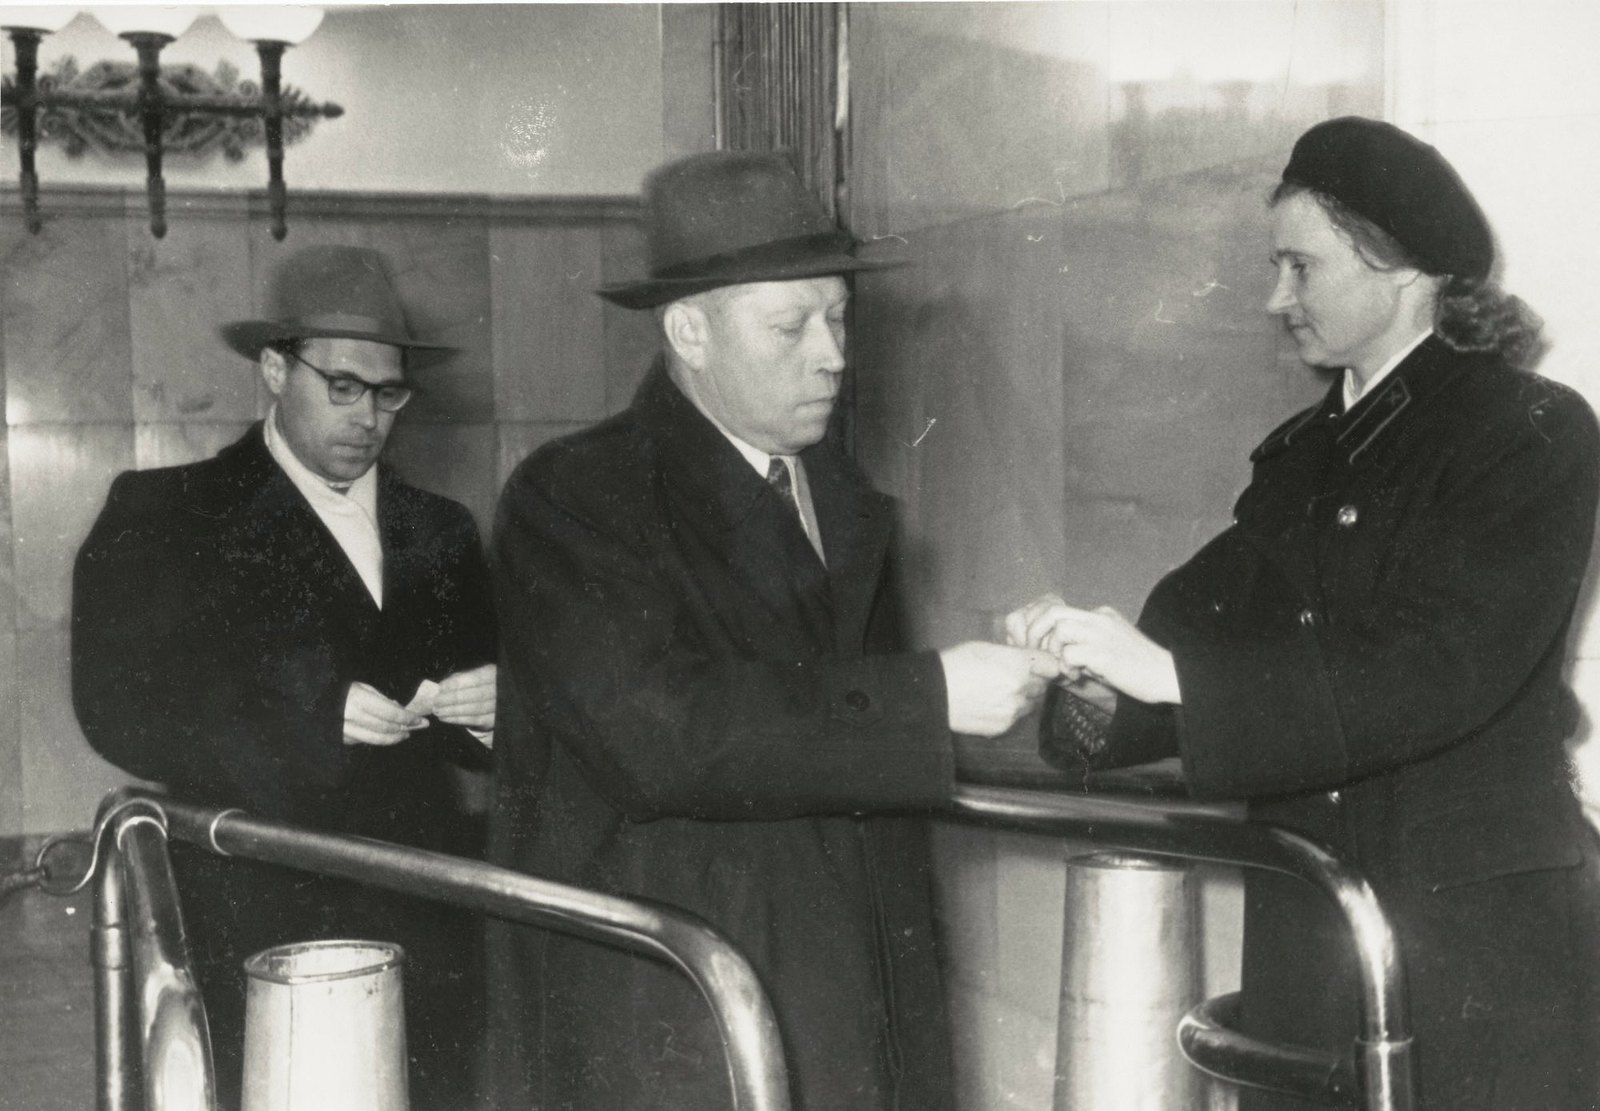 1949. Контроль в метро. Механизация трудоемких работ